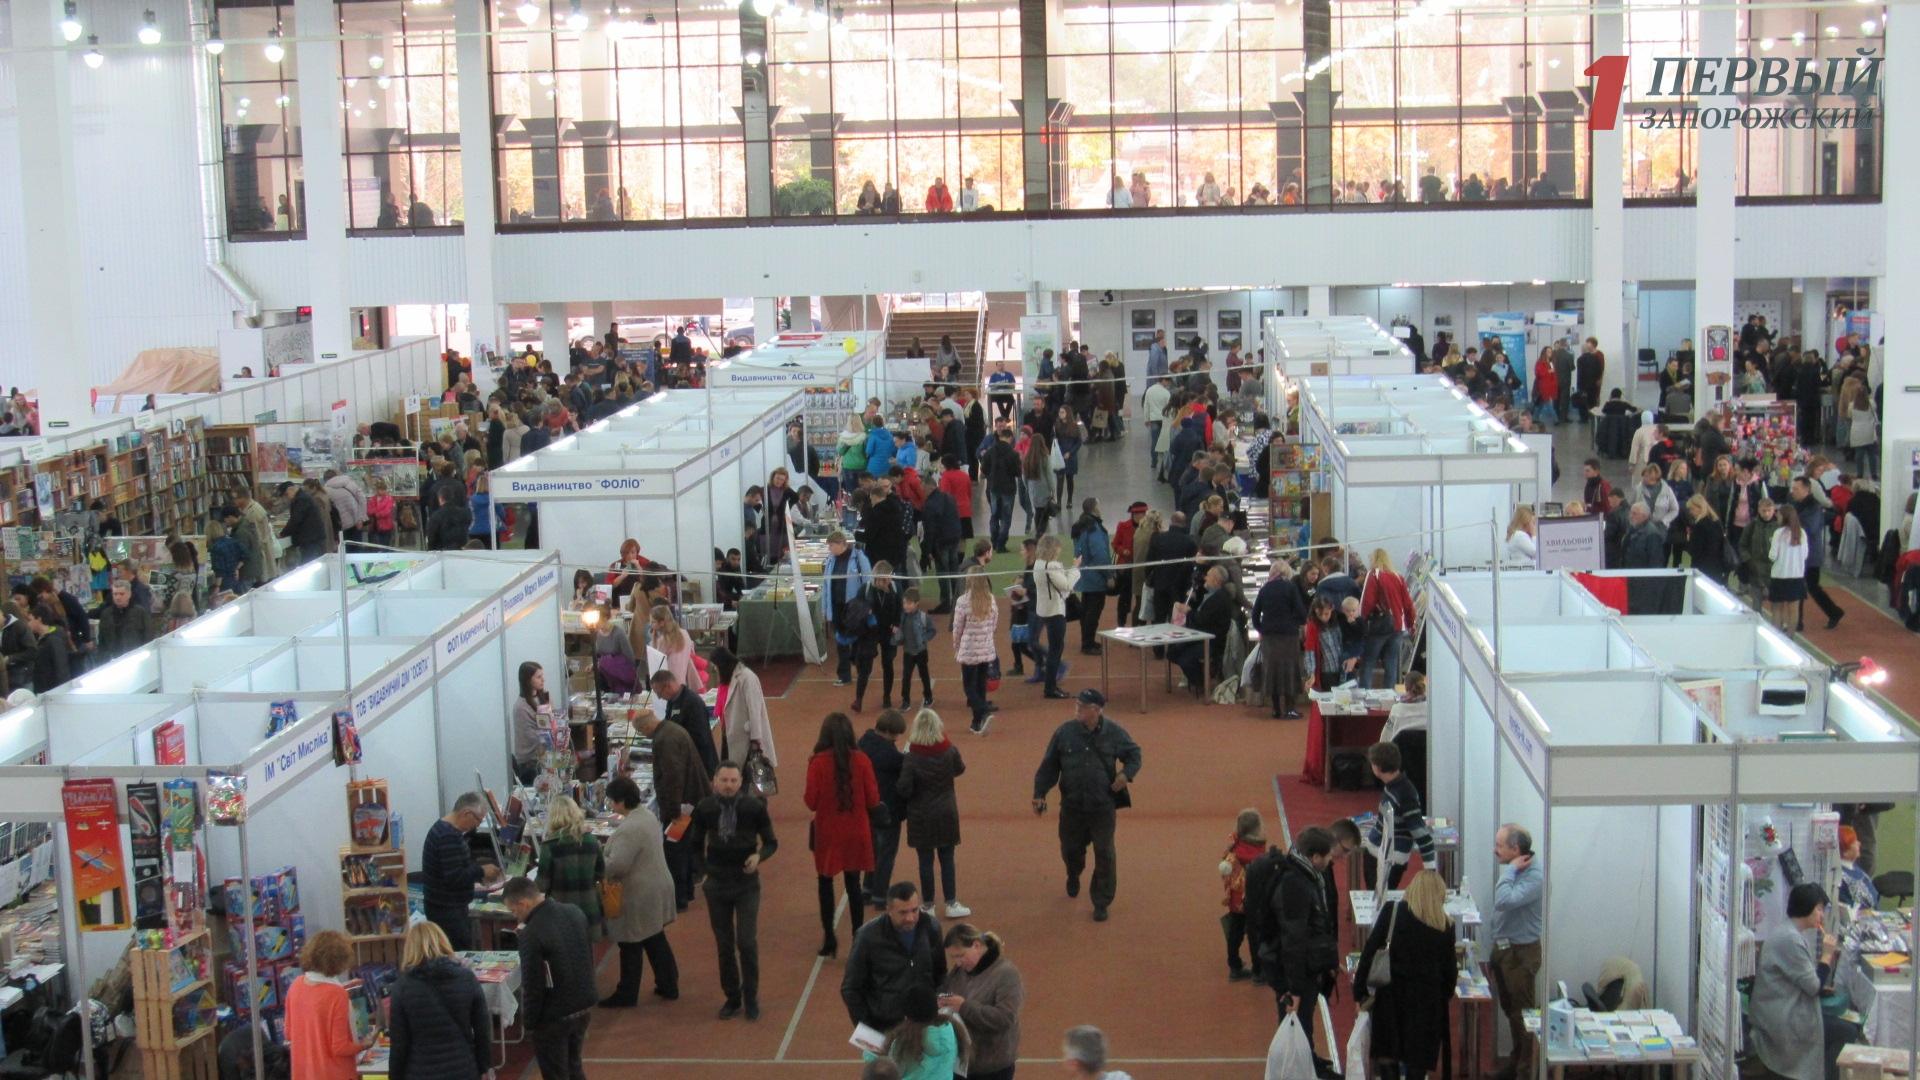 Запорожскую книжную толоку-2018 посетили 10 тысяч человек